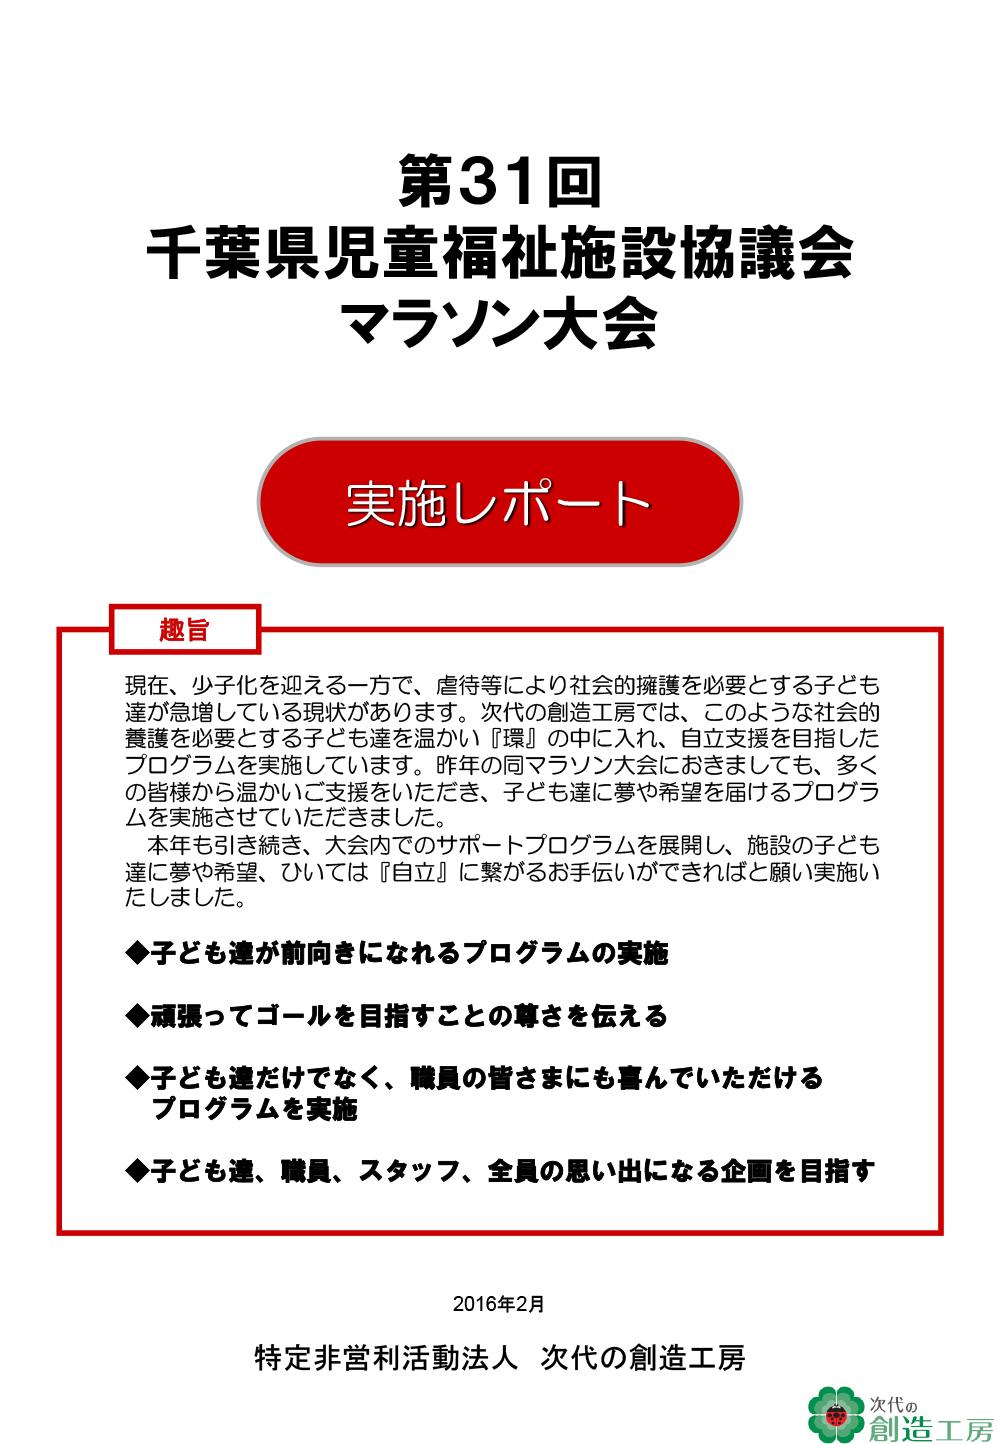 第31回千葉県児童福祉施設協議会マラソン大会 実施報告書